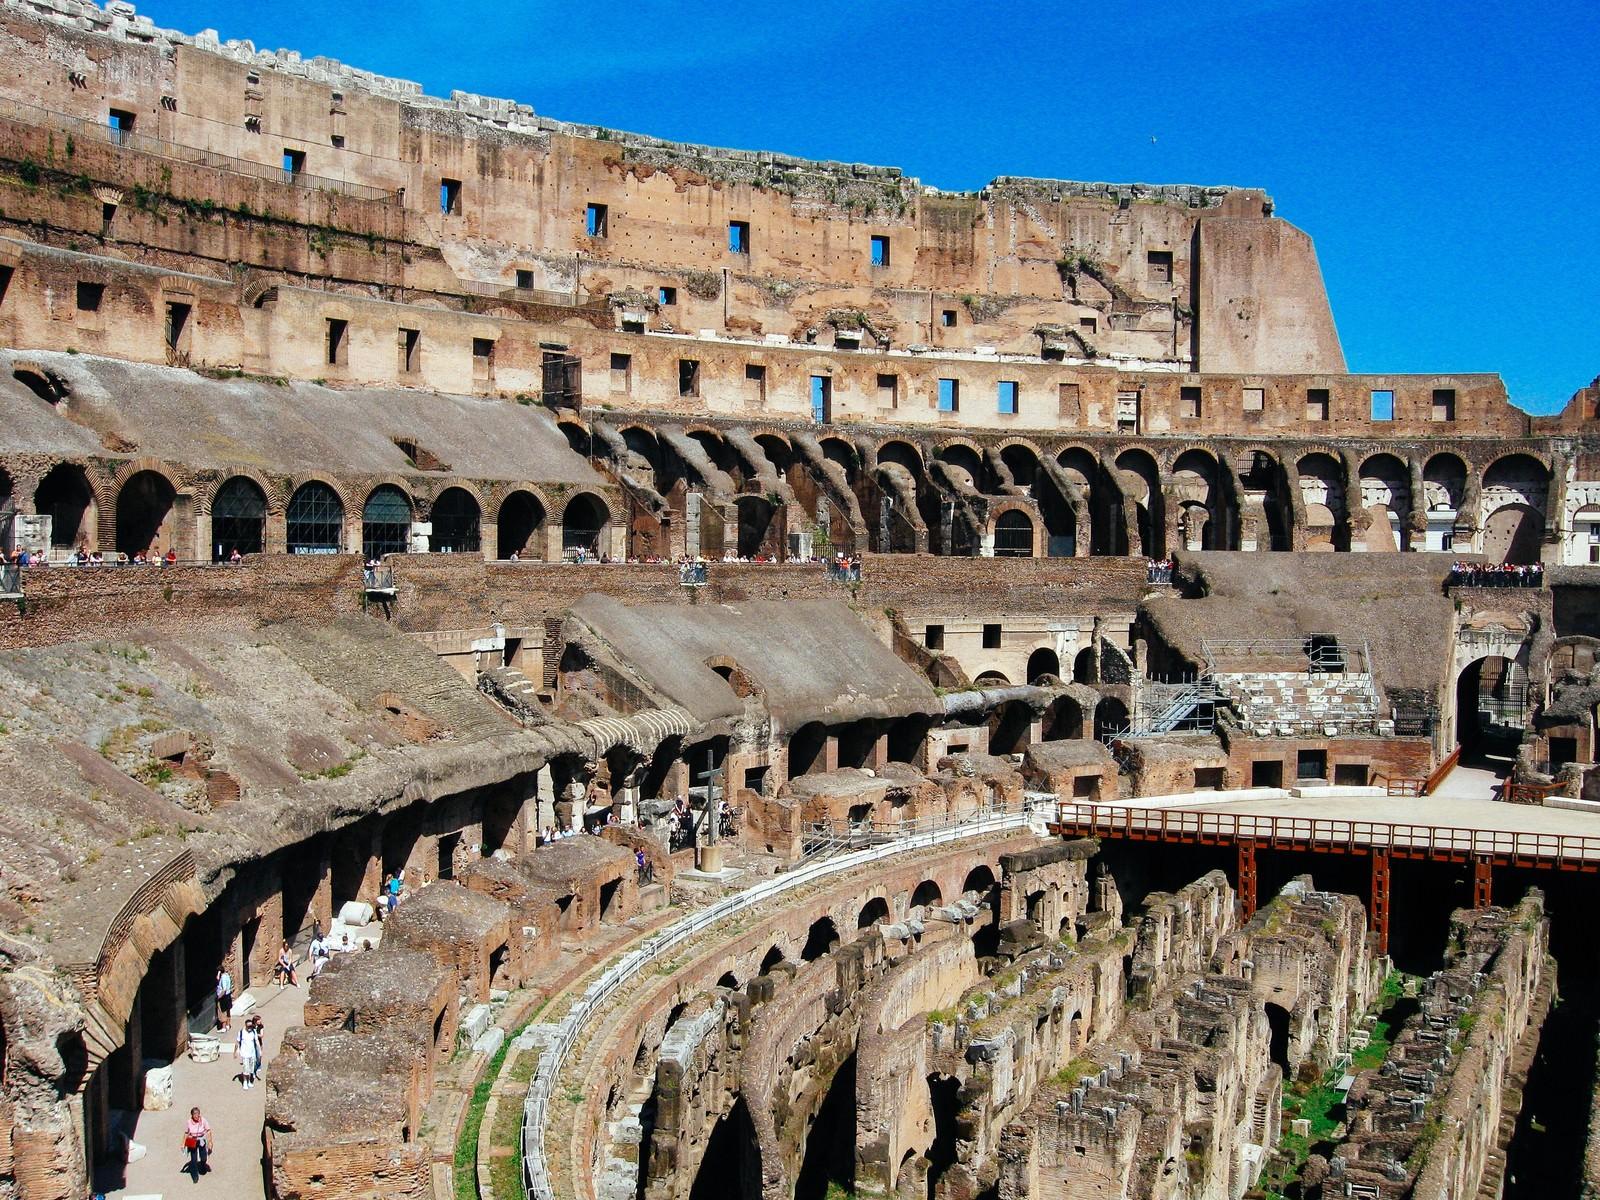 「ローマのコロッセオ内部(イタリア) | 写真の無料素材・フリー素材 - ぱくたそ」の写真